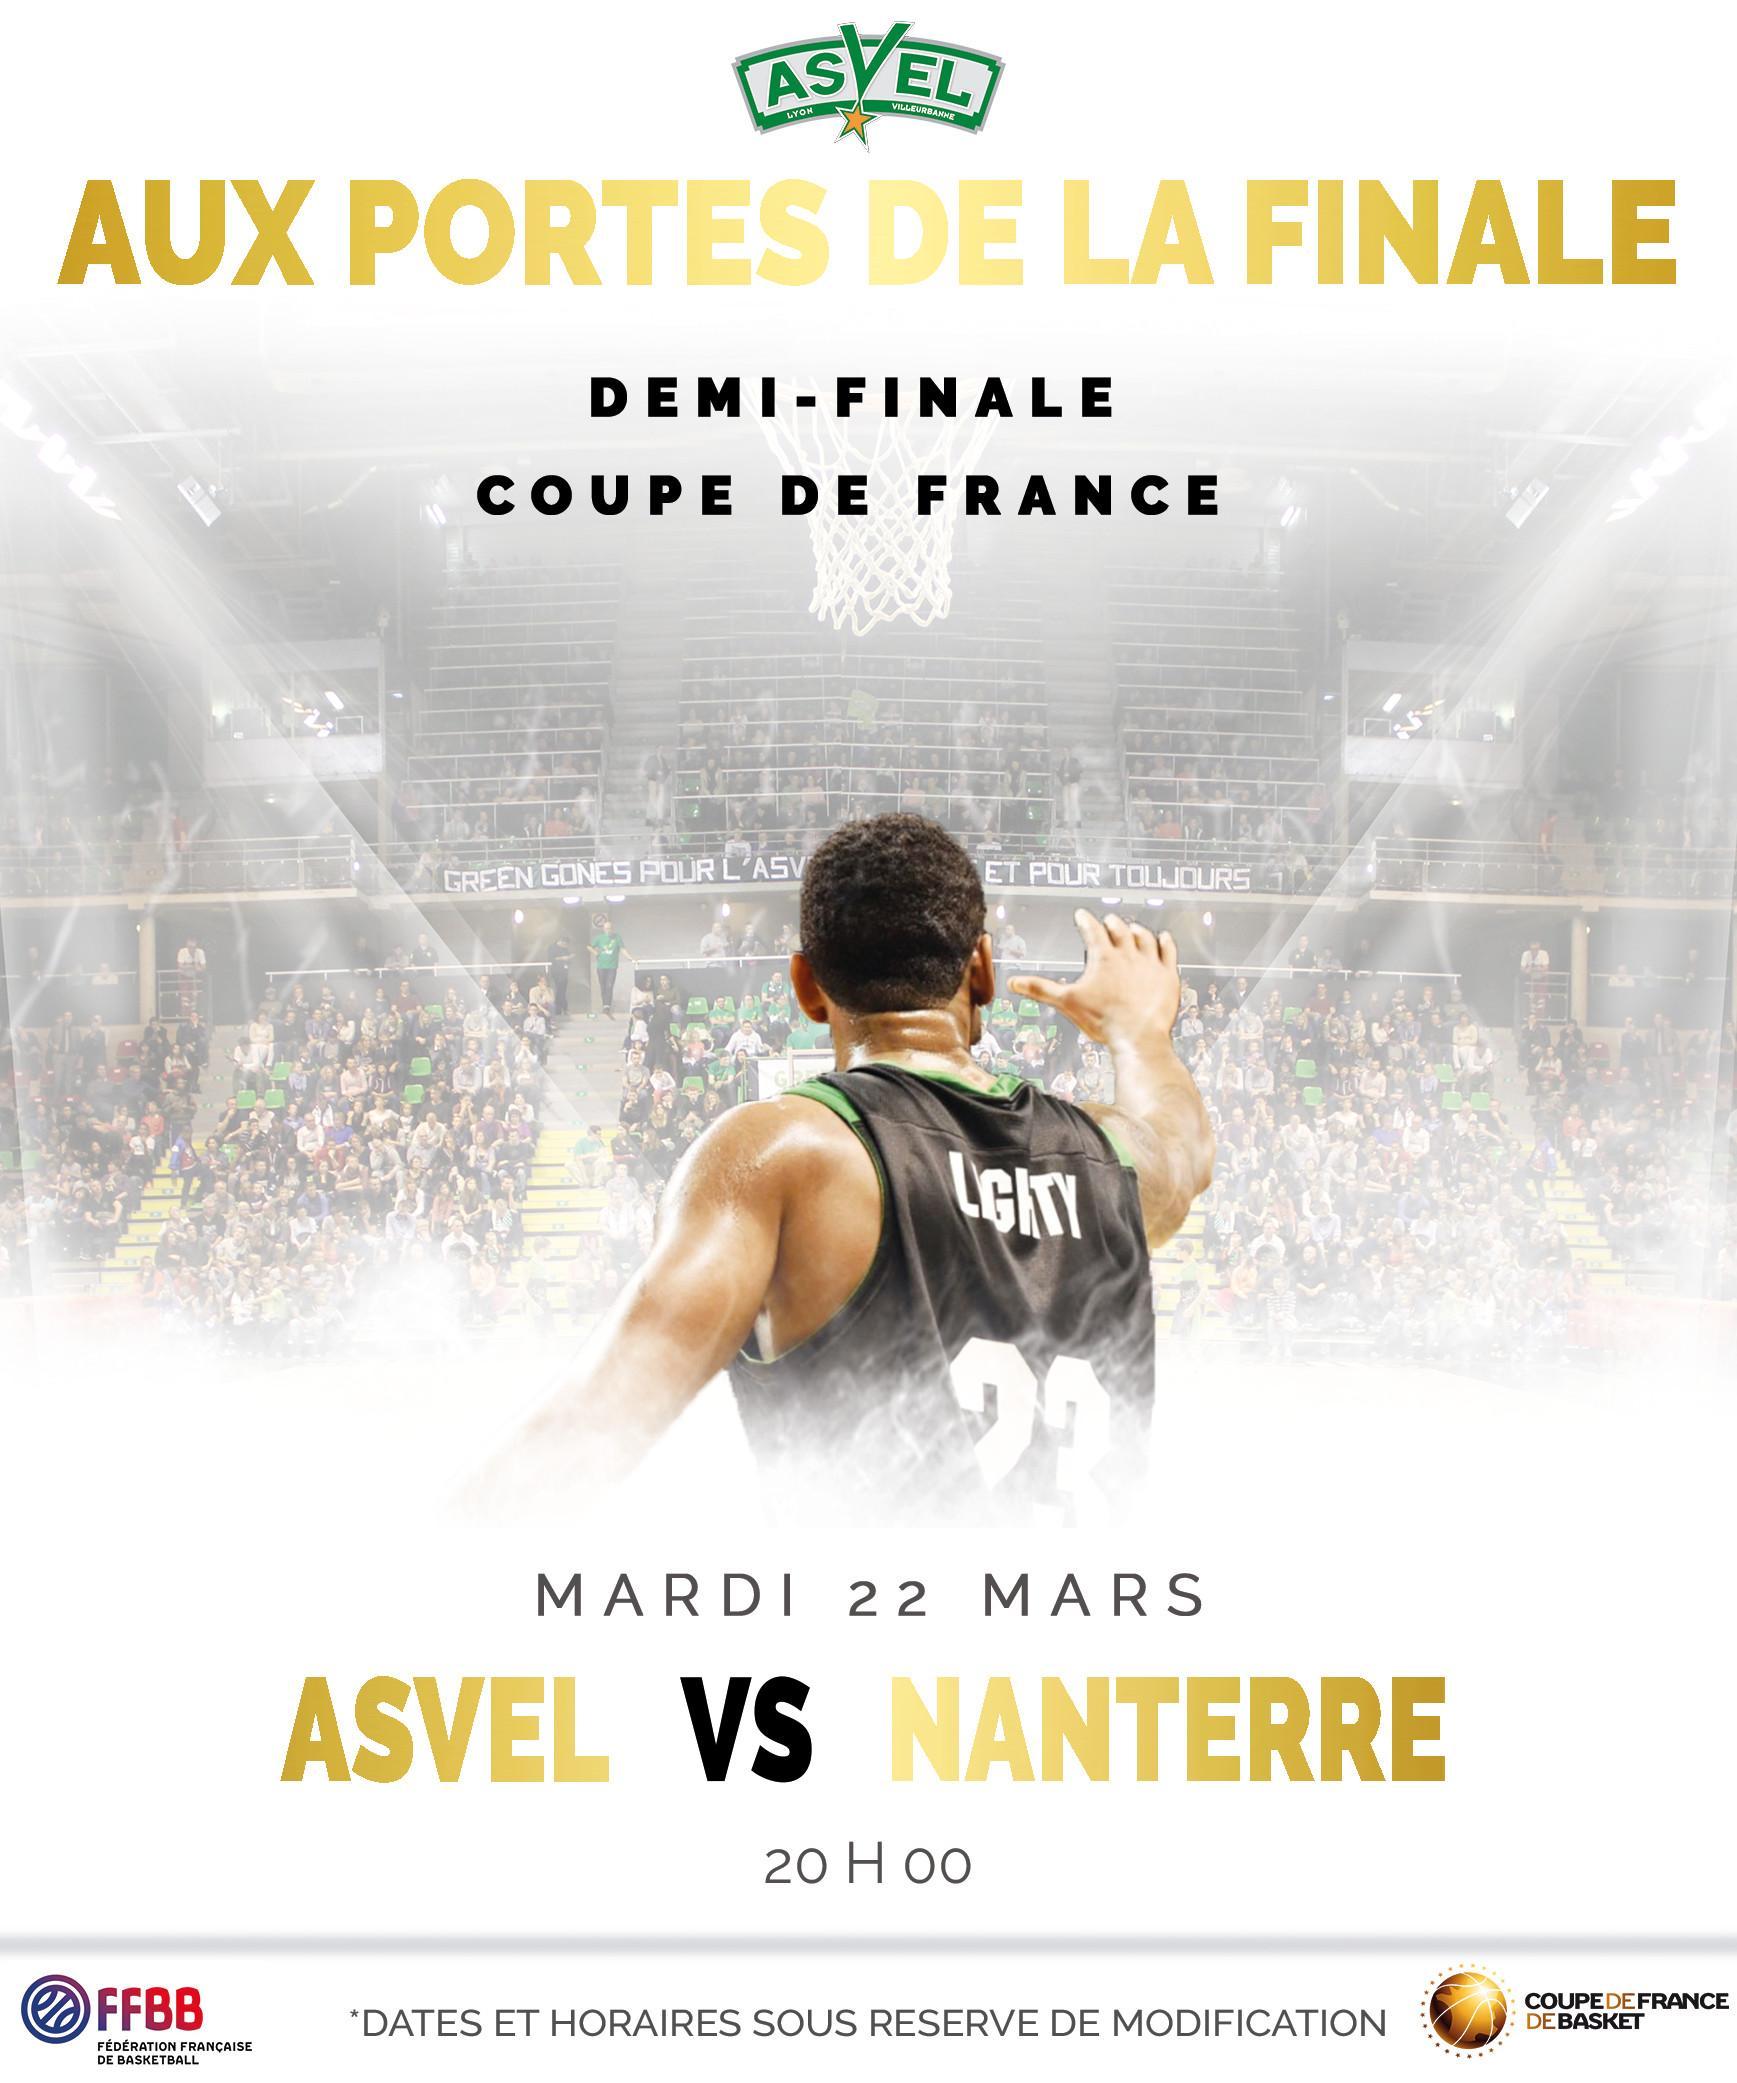 Place pour le Match (1/2 Finale de Coupe de France) Asvel - Nanterre le mardi 22 mars 20h